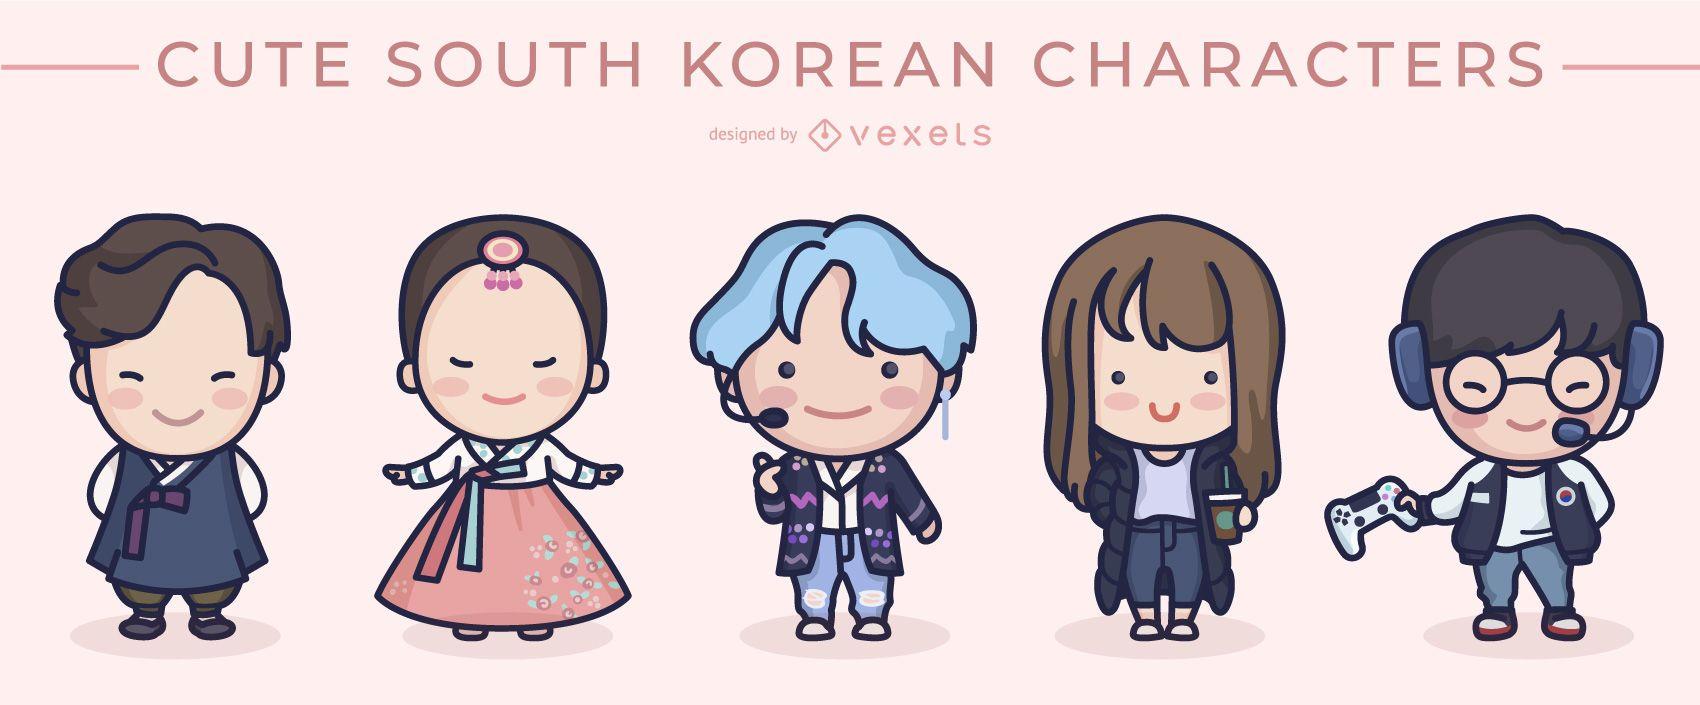 Lindo conjunto de personajes de Corea del Sur